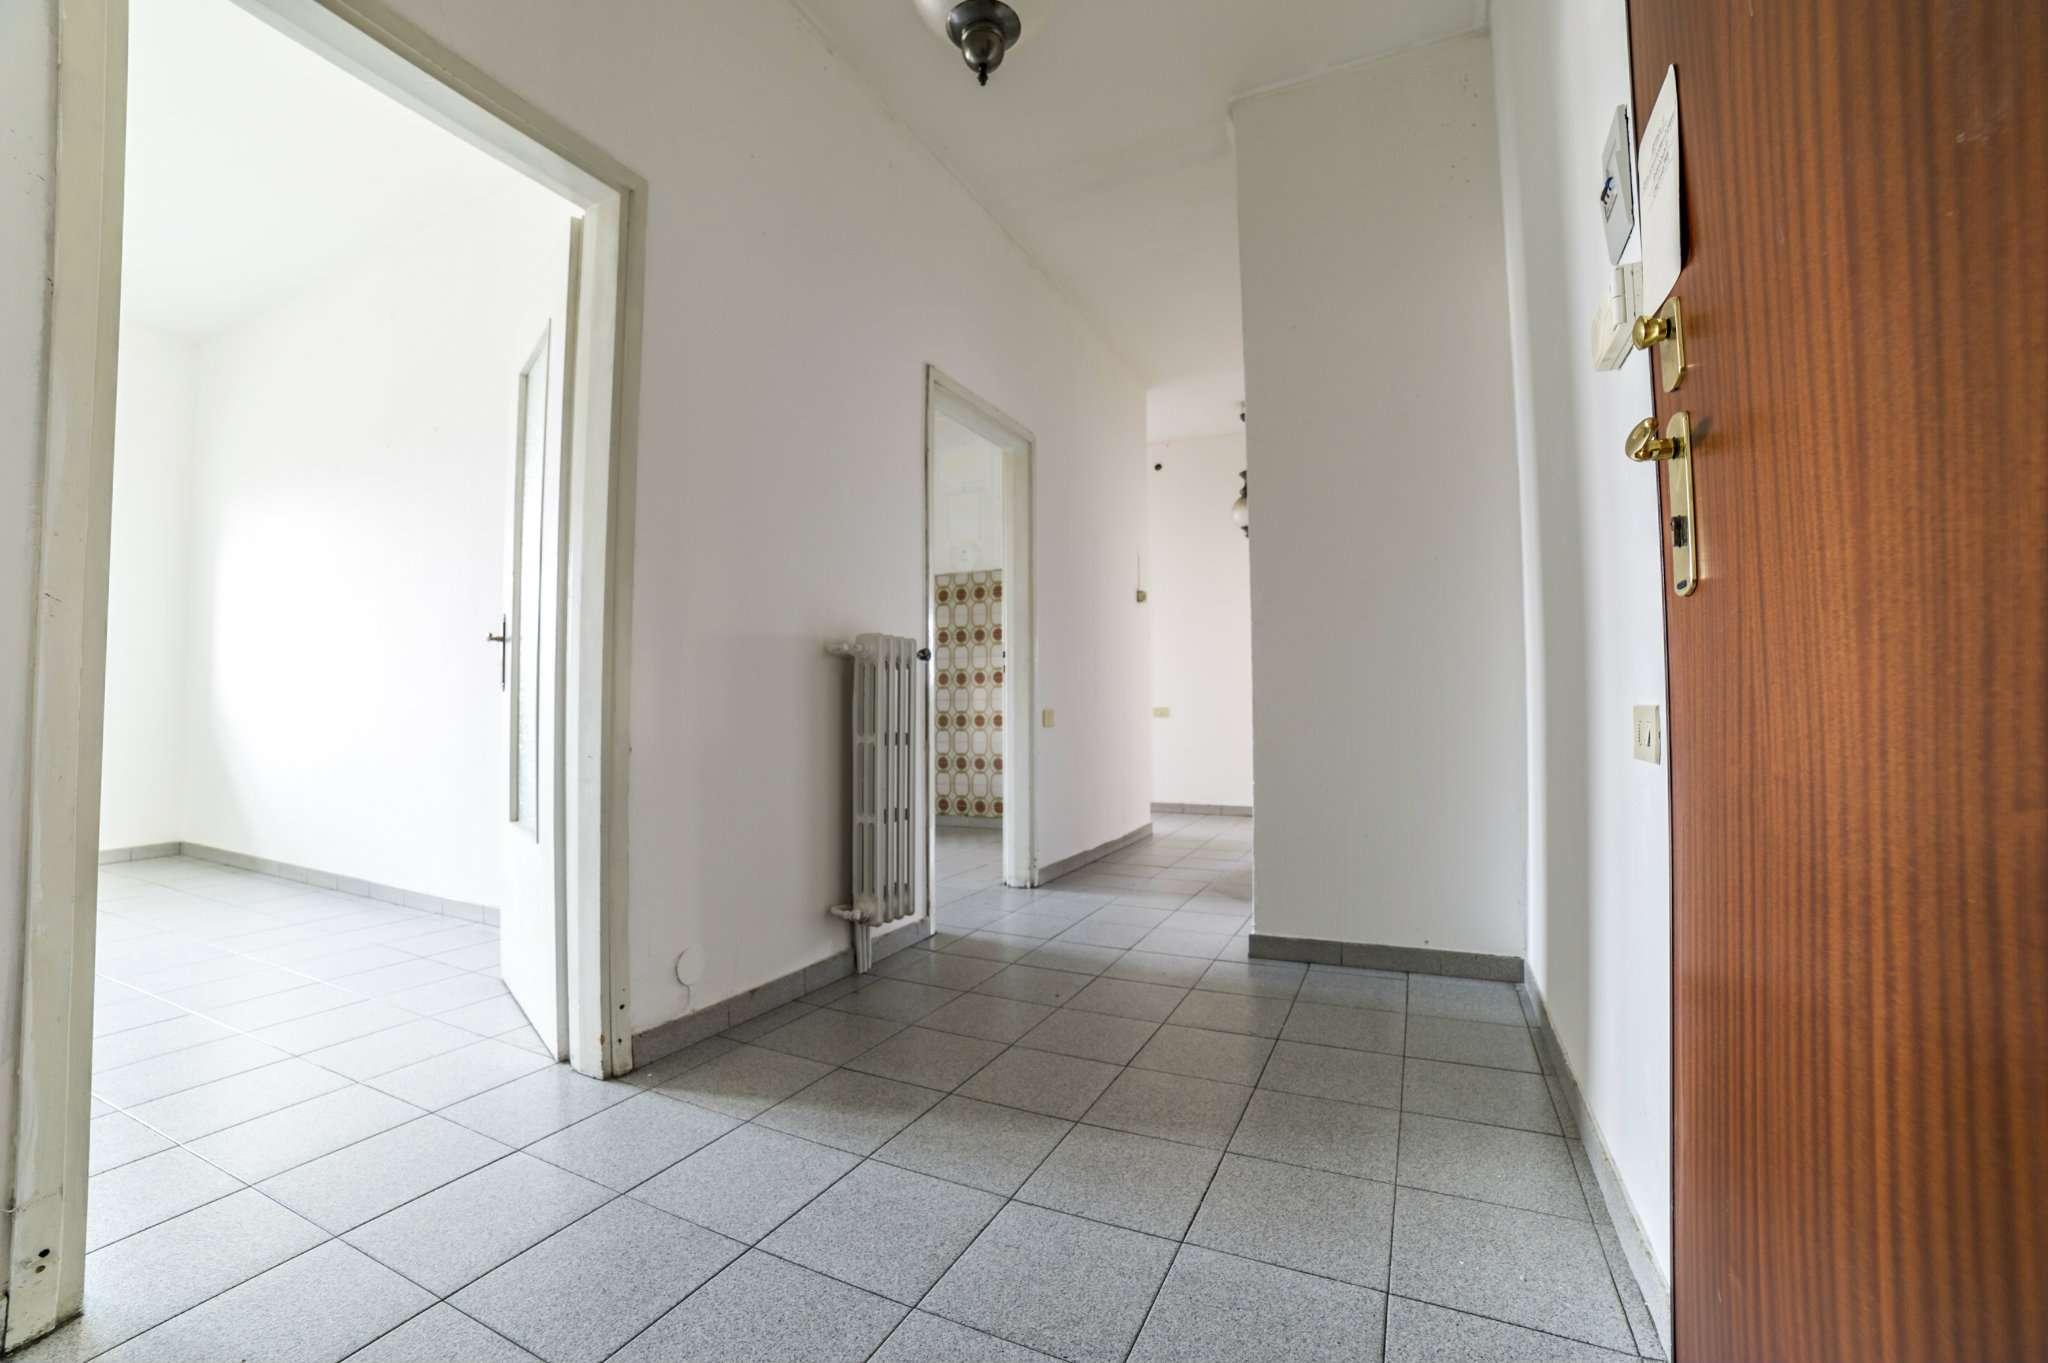 Torino Torino Vendita APPARTAMENTO >> appartamenti a torino